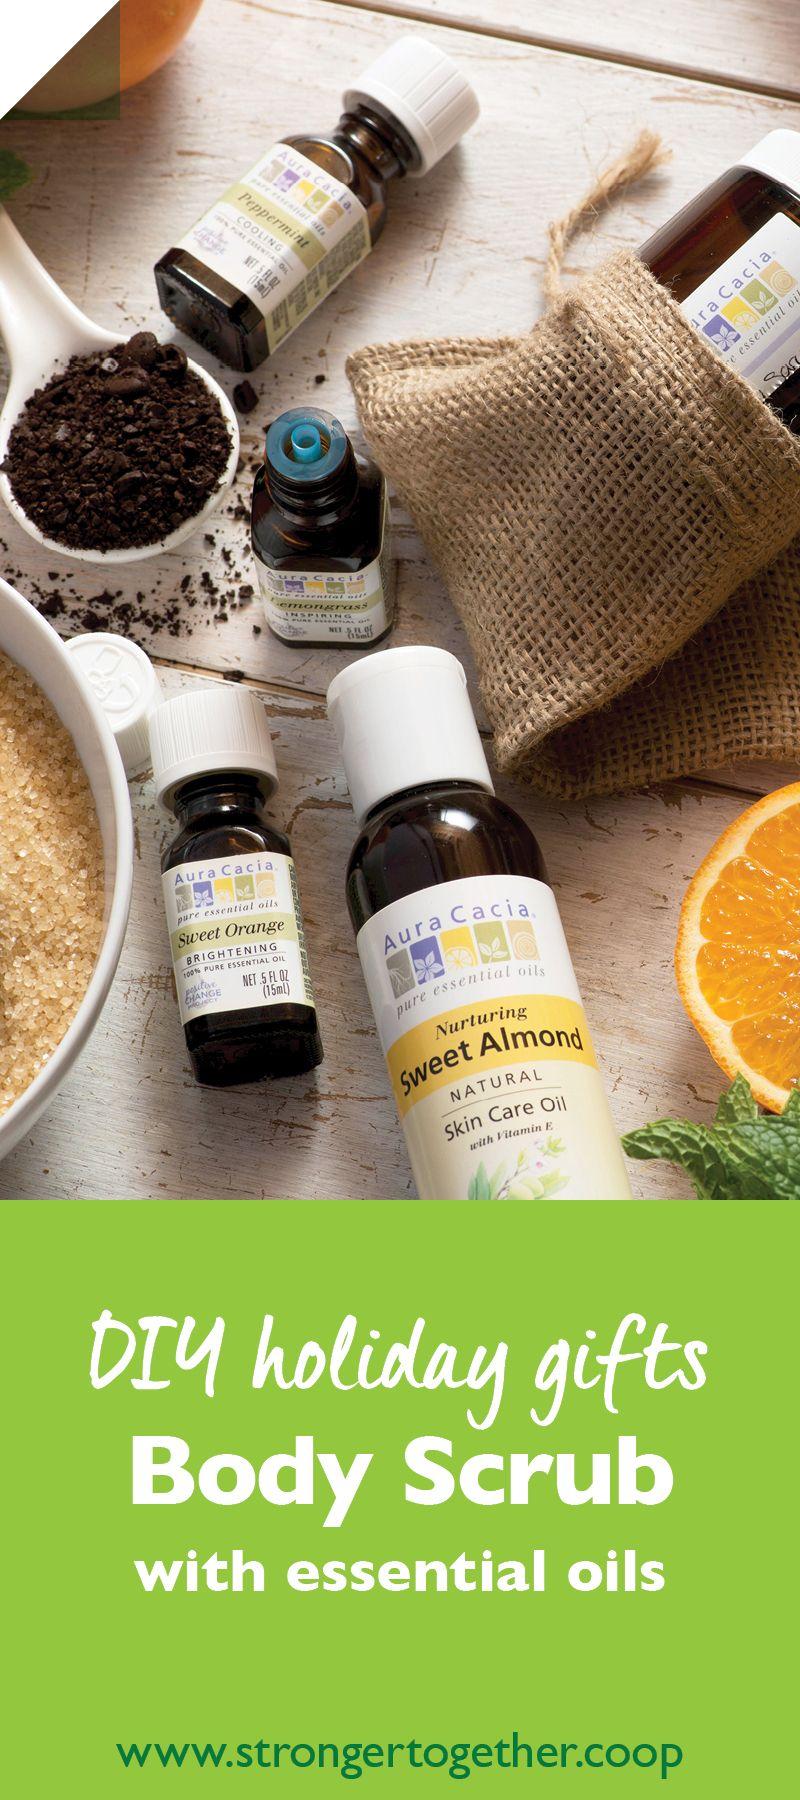 DIY Body Scrub with Essential Oils Diy body scrub, Body